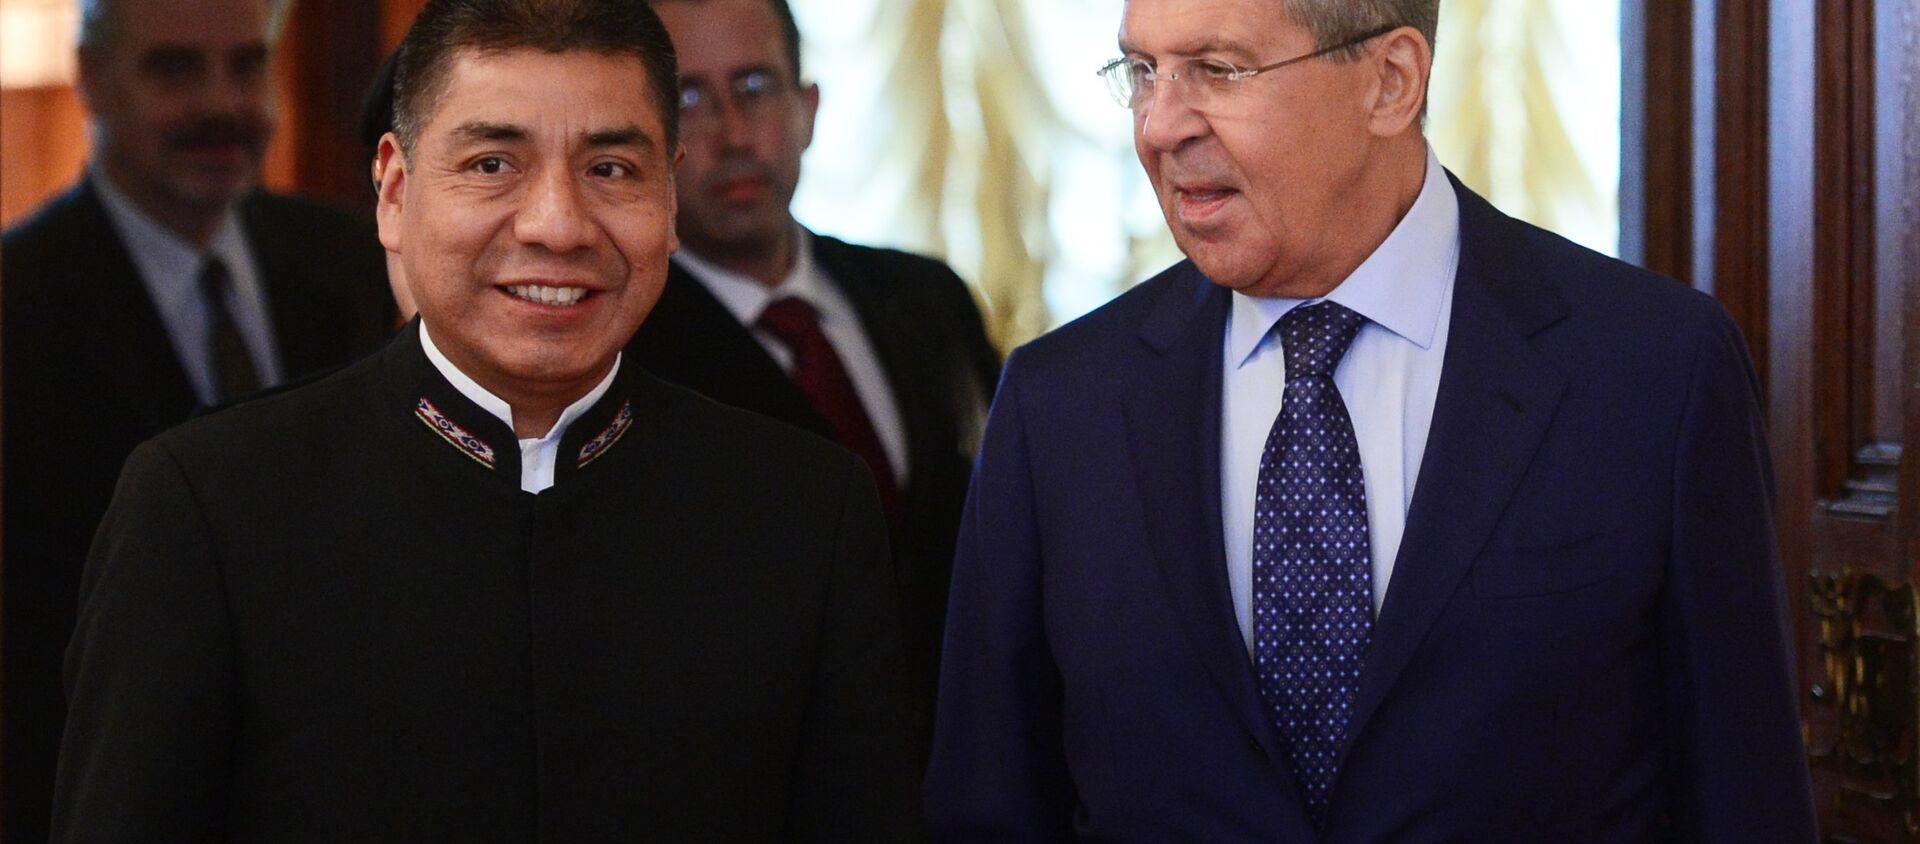 Встреча глав МИД РФ и Боливии С. Лаврова и Ф. Уанакуни Мамани - Sputnik Mundo, 1920, 16.08.2017